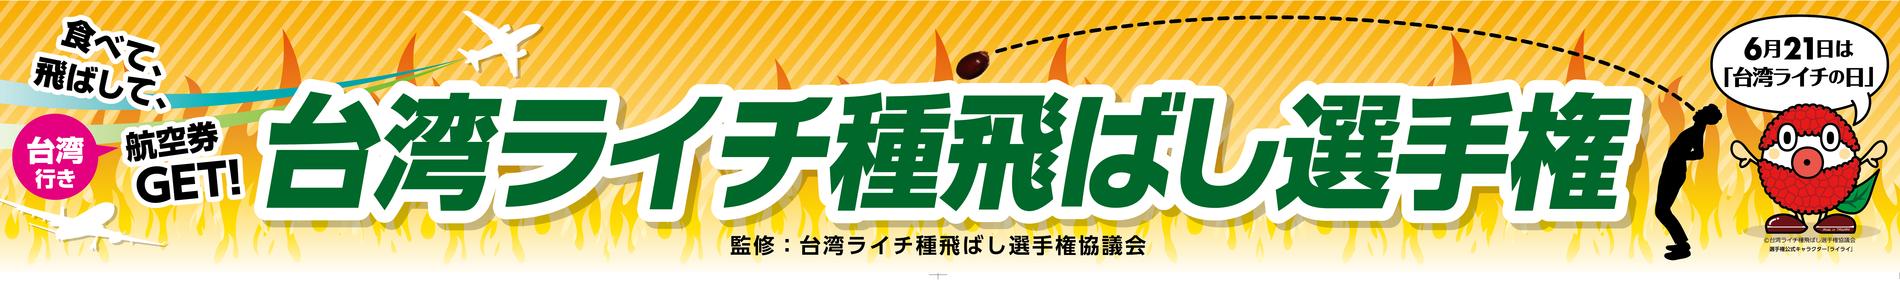 毎年6月21日は「台湾ライチの日」 台湾ライチを食べ、種を飛ばした飛距離を競う競技 台湾行き往復航空券やライチなど豪華賞品が貰える♪